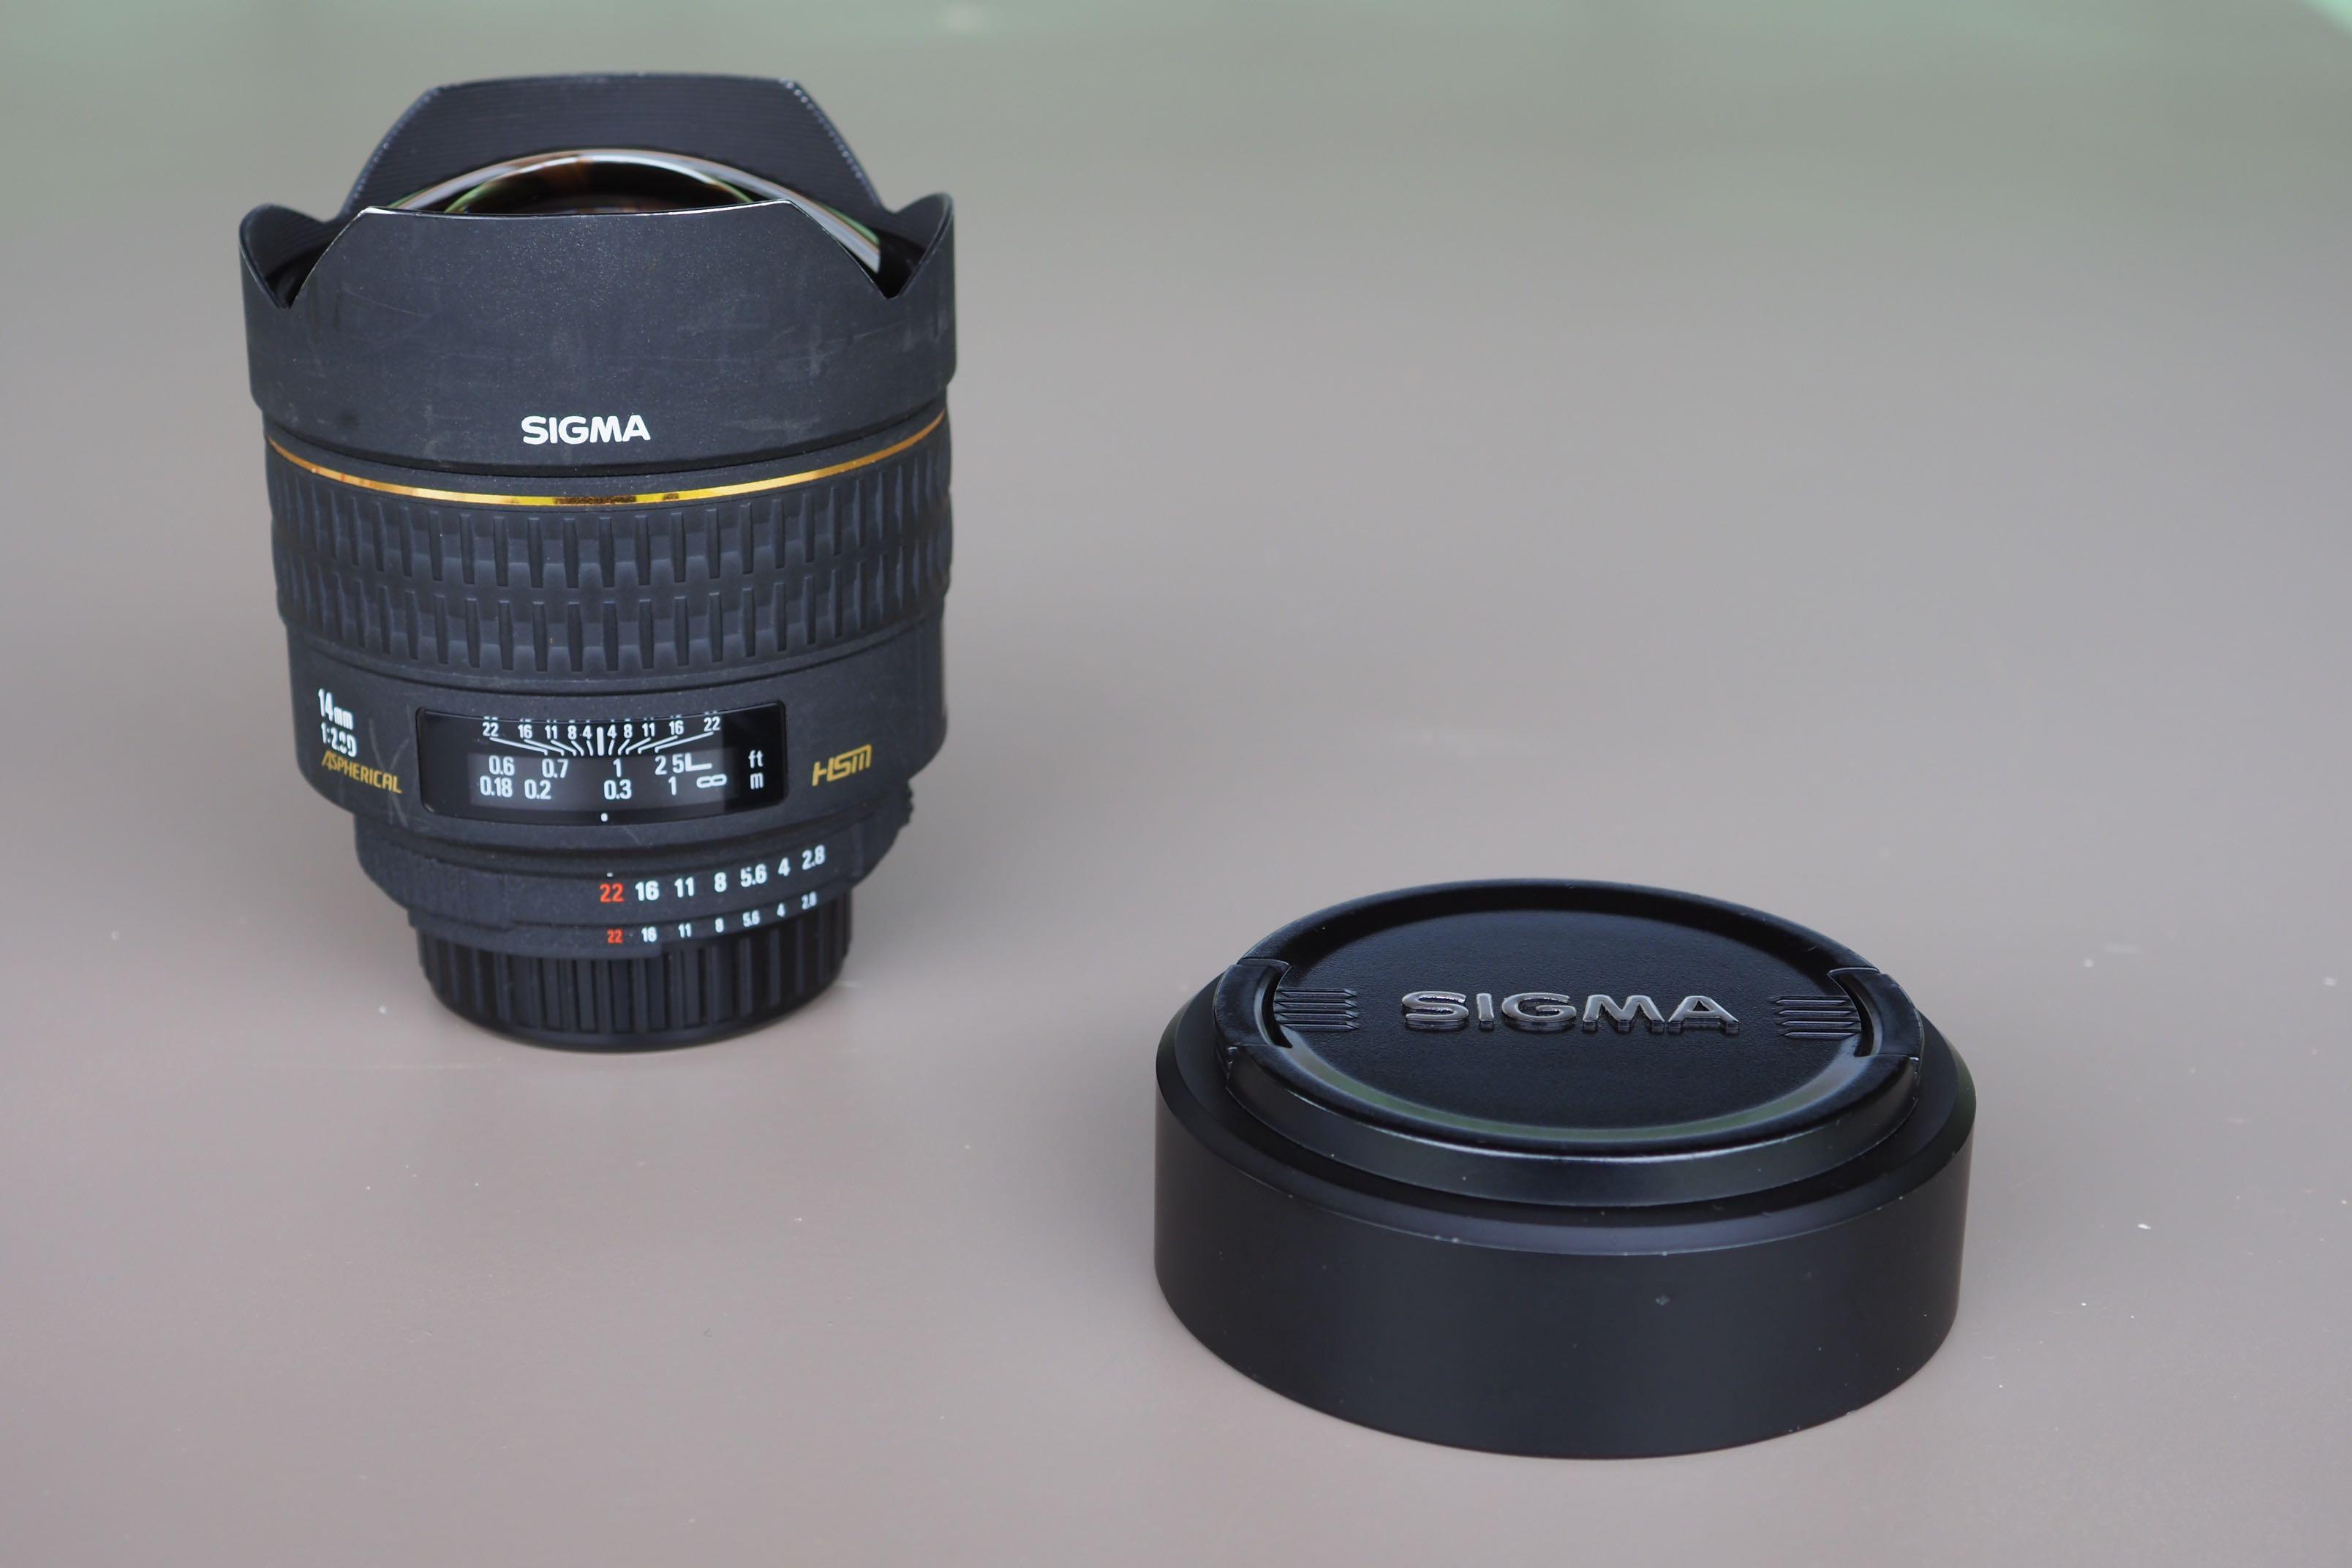 Contax Tvs 35mm Autofokus Carl Zeiss Neu Wertig äSthetisches Aussehen Foto & Camcorder